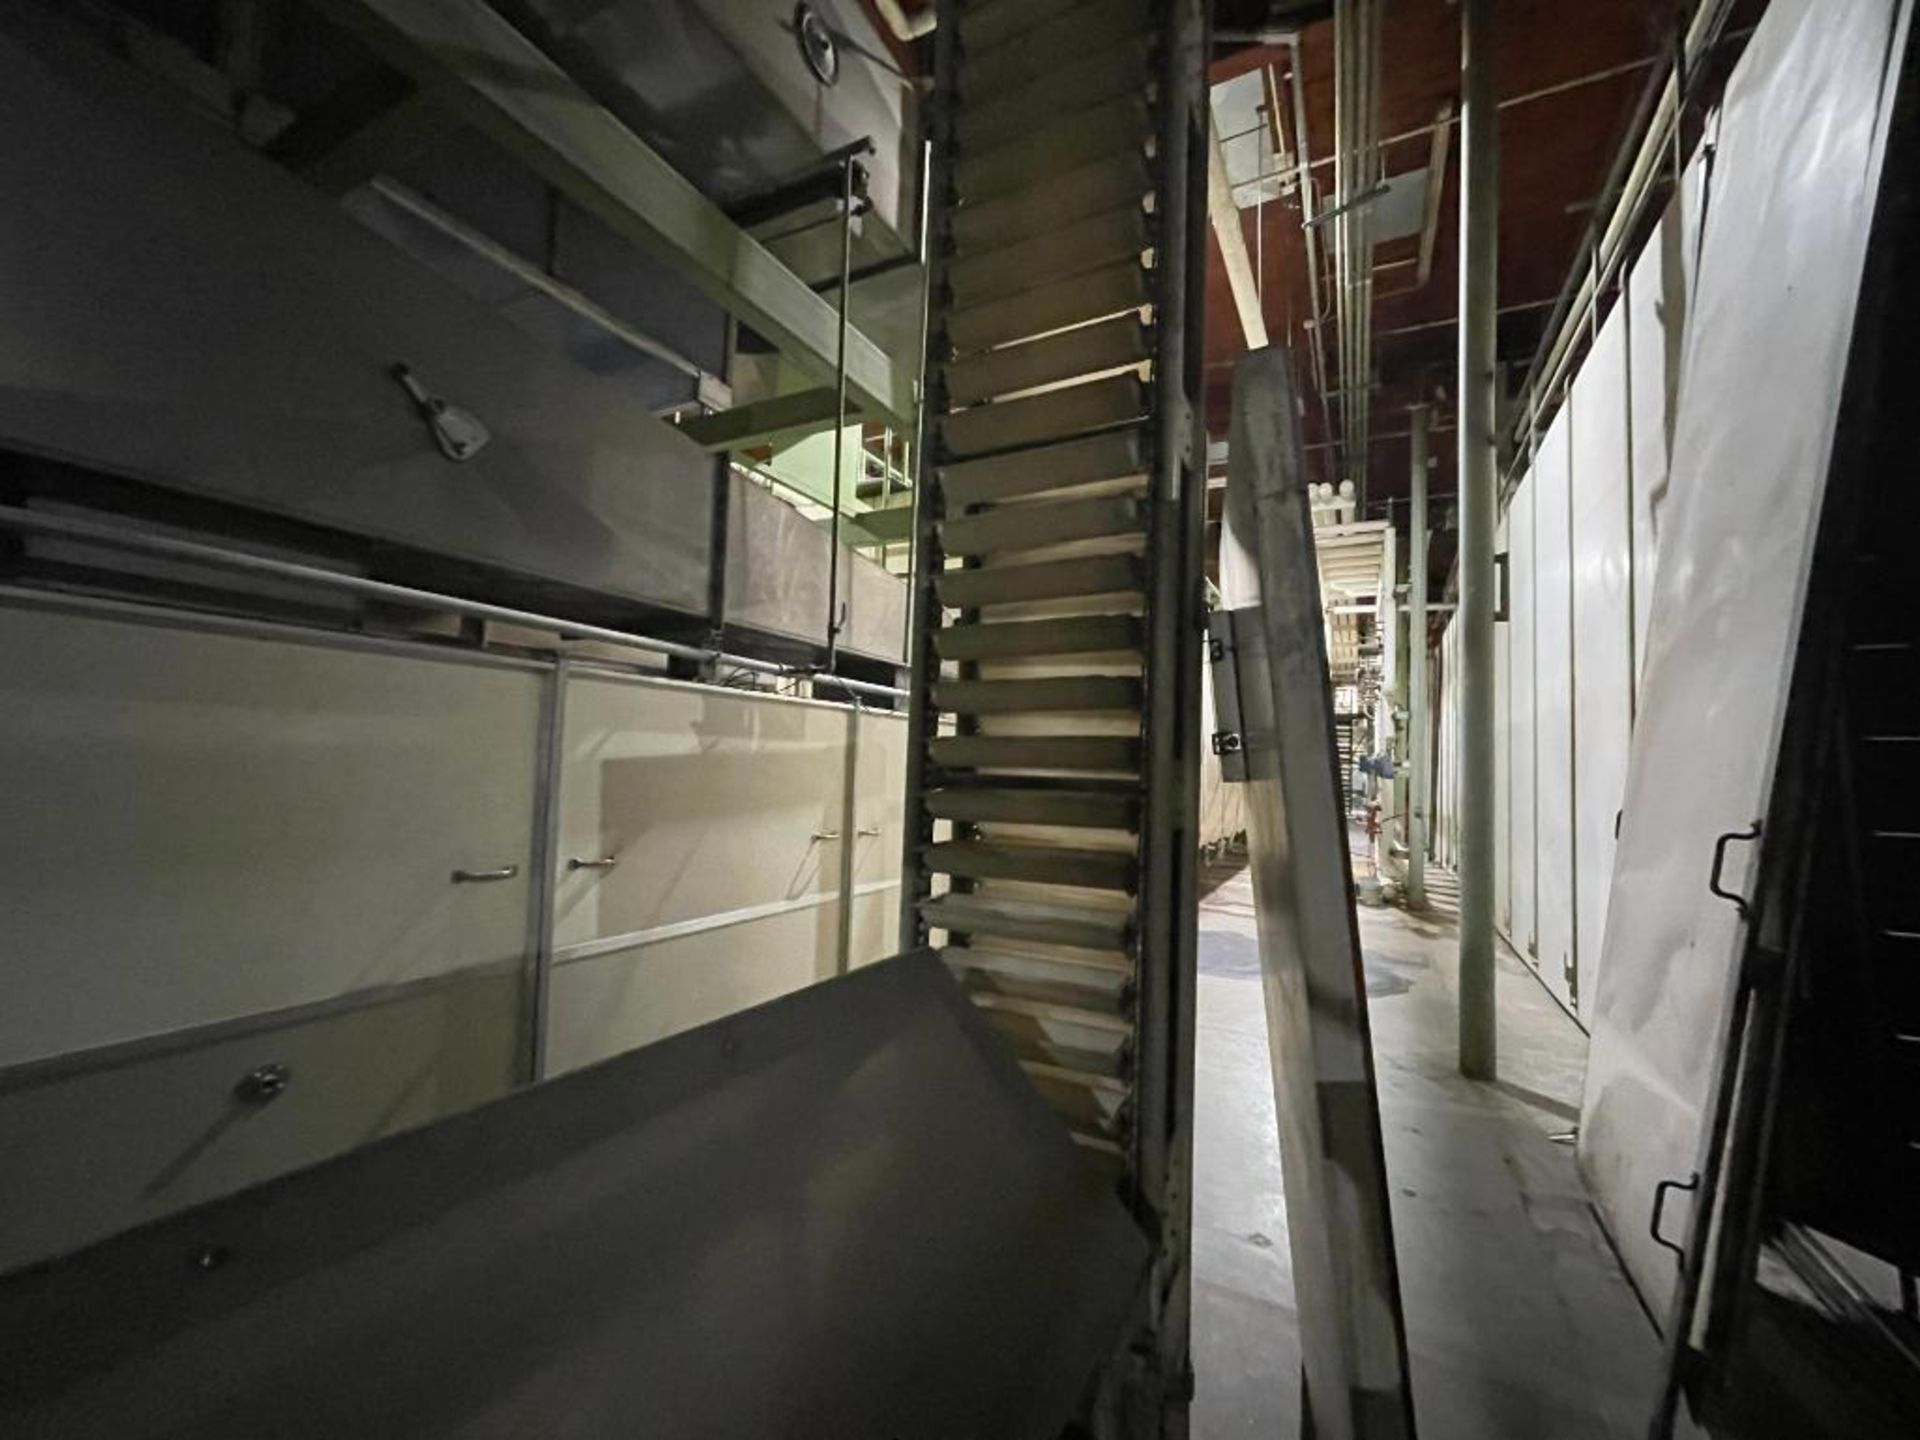 Aseeco overlapping bucket elevator - Image 3 of 14